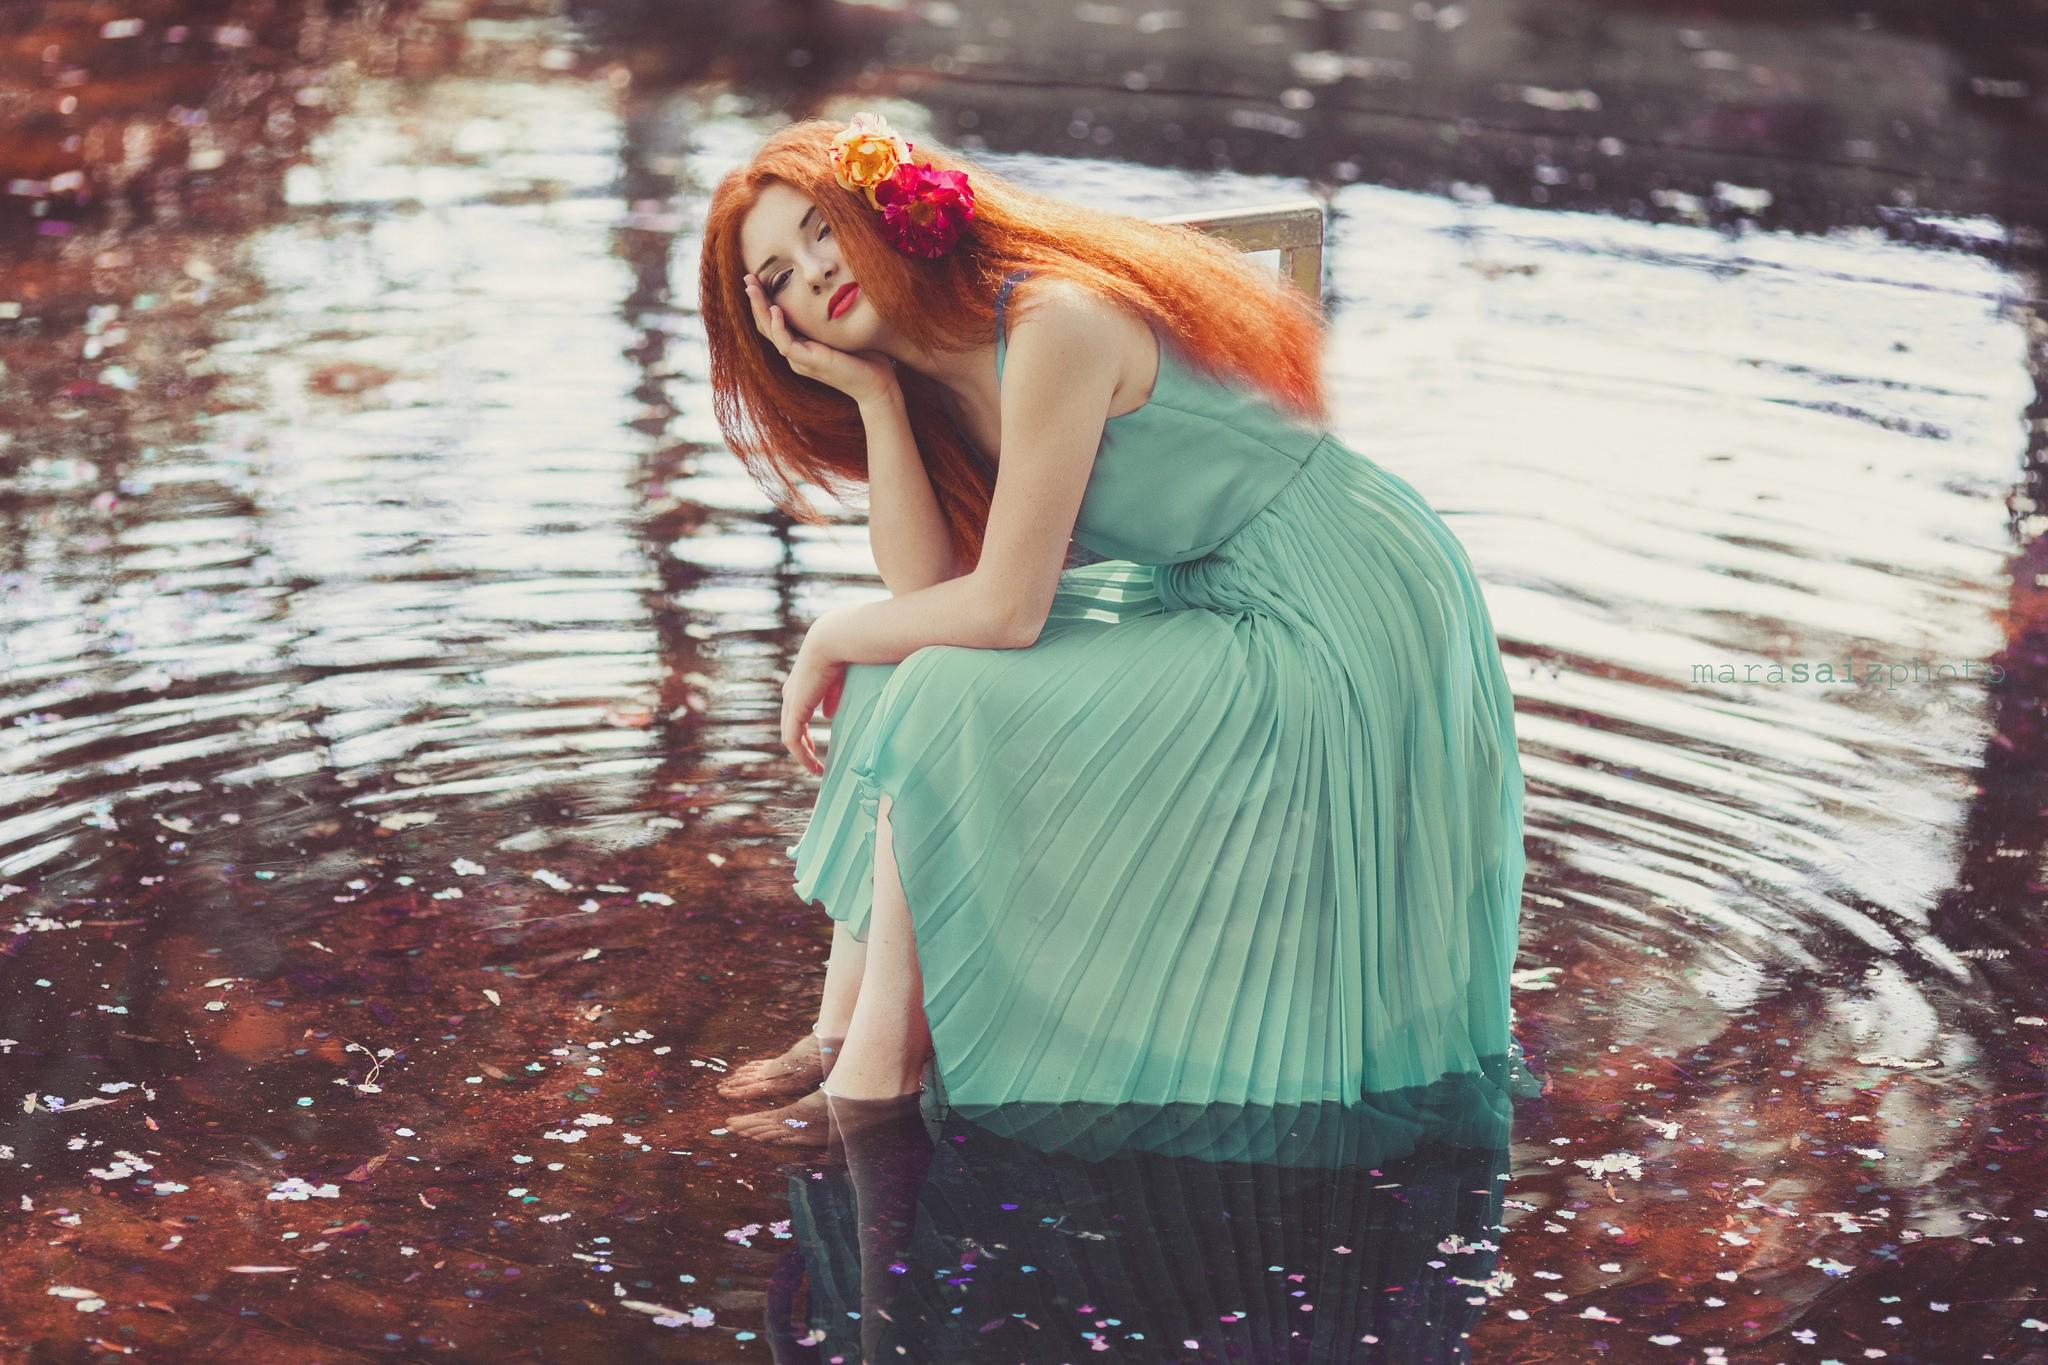 Рыжие женщины фото под водой развел